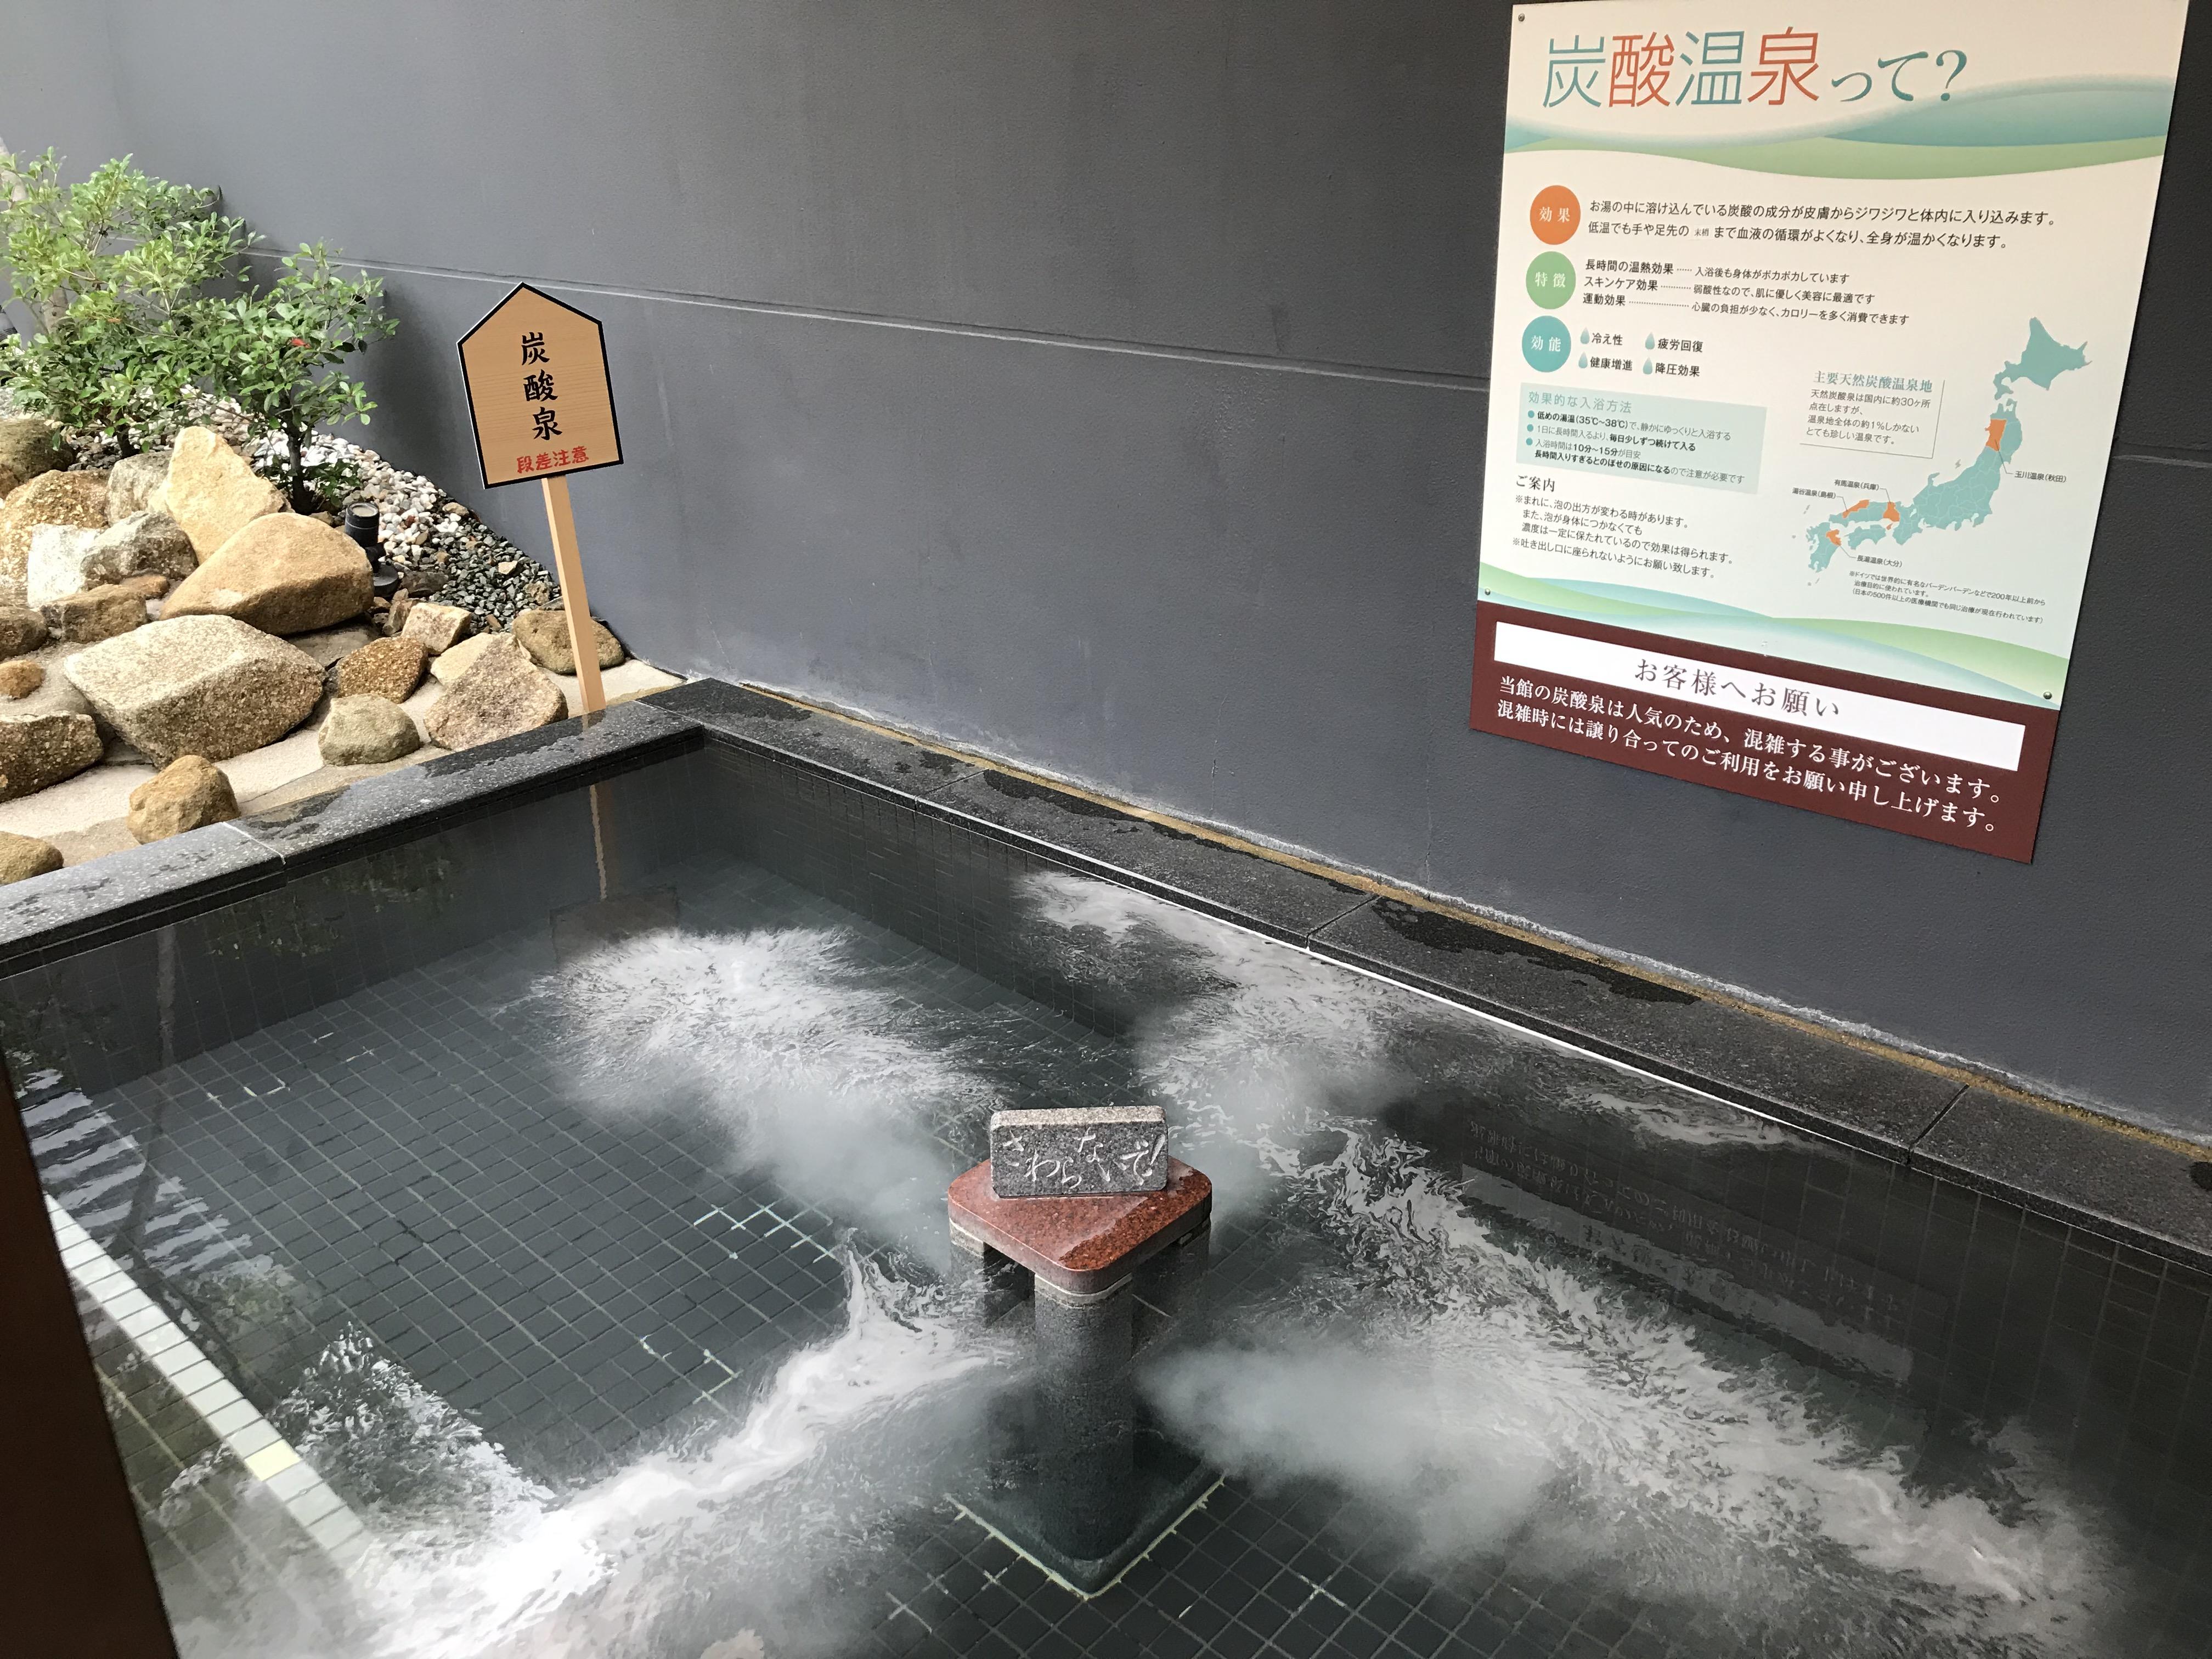 岡崎市の3つのスーパー銭湯がコラボ!近場のお風呂を回って豪華景品が当たるスタンプラリー開催 - 64dcc6eb5f405032b7fc709a1623a289